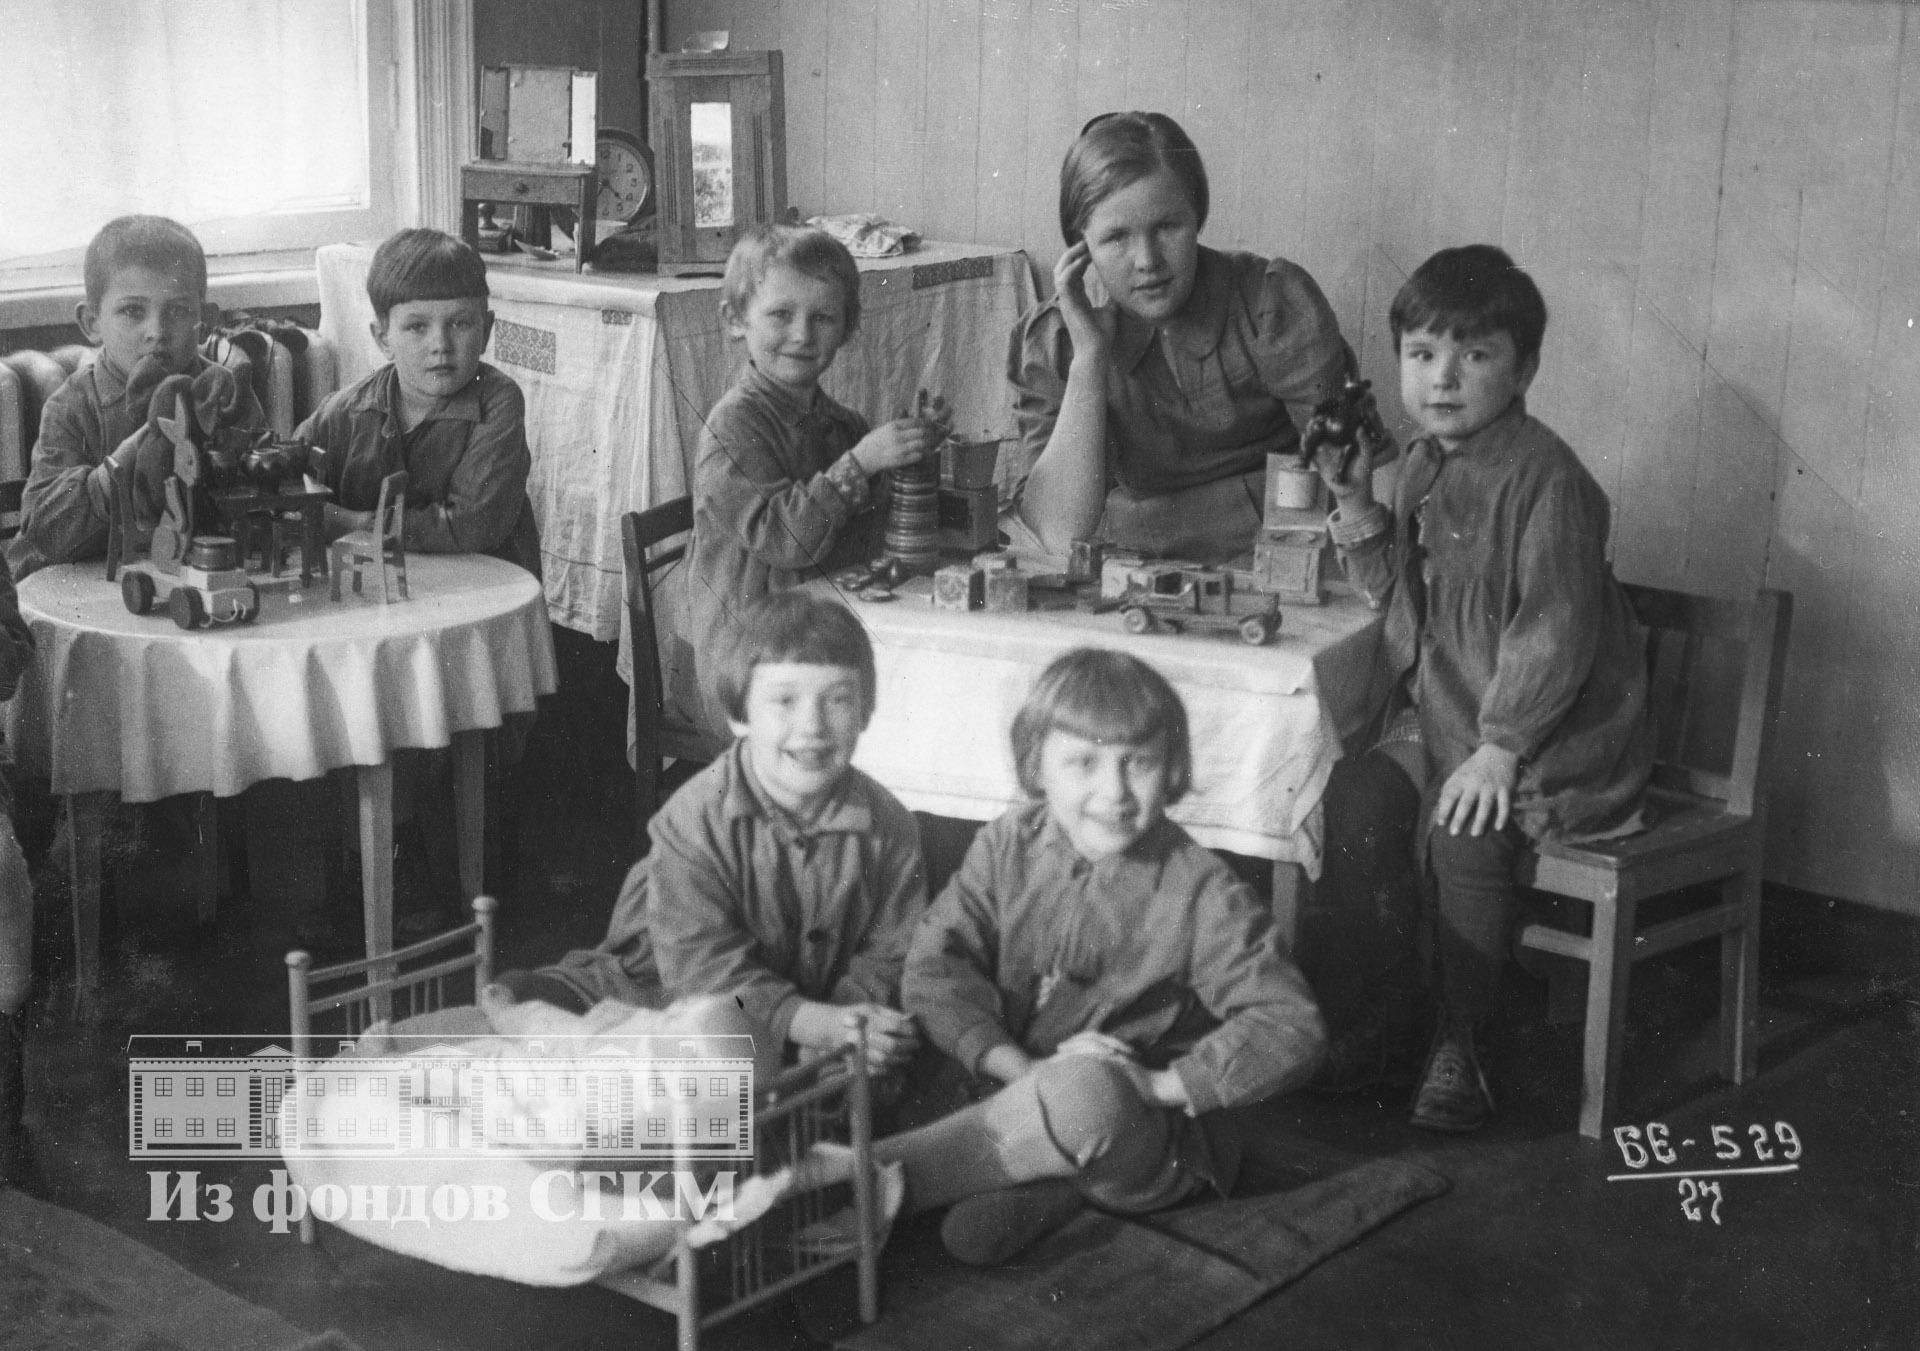 1940. Детский сад строительства. Старшая группа. Игры